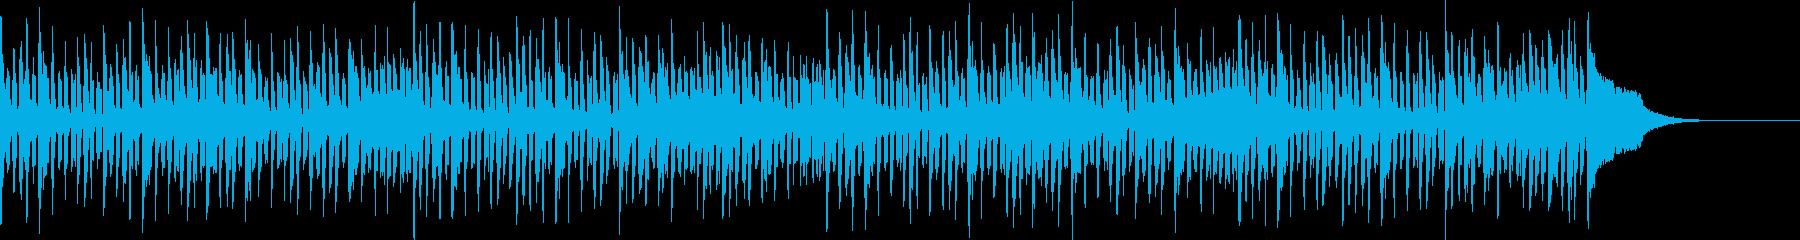 Pf「質問」和風現代ジャズの再生済みの波形